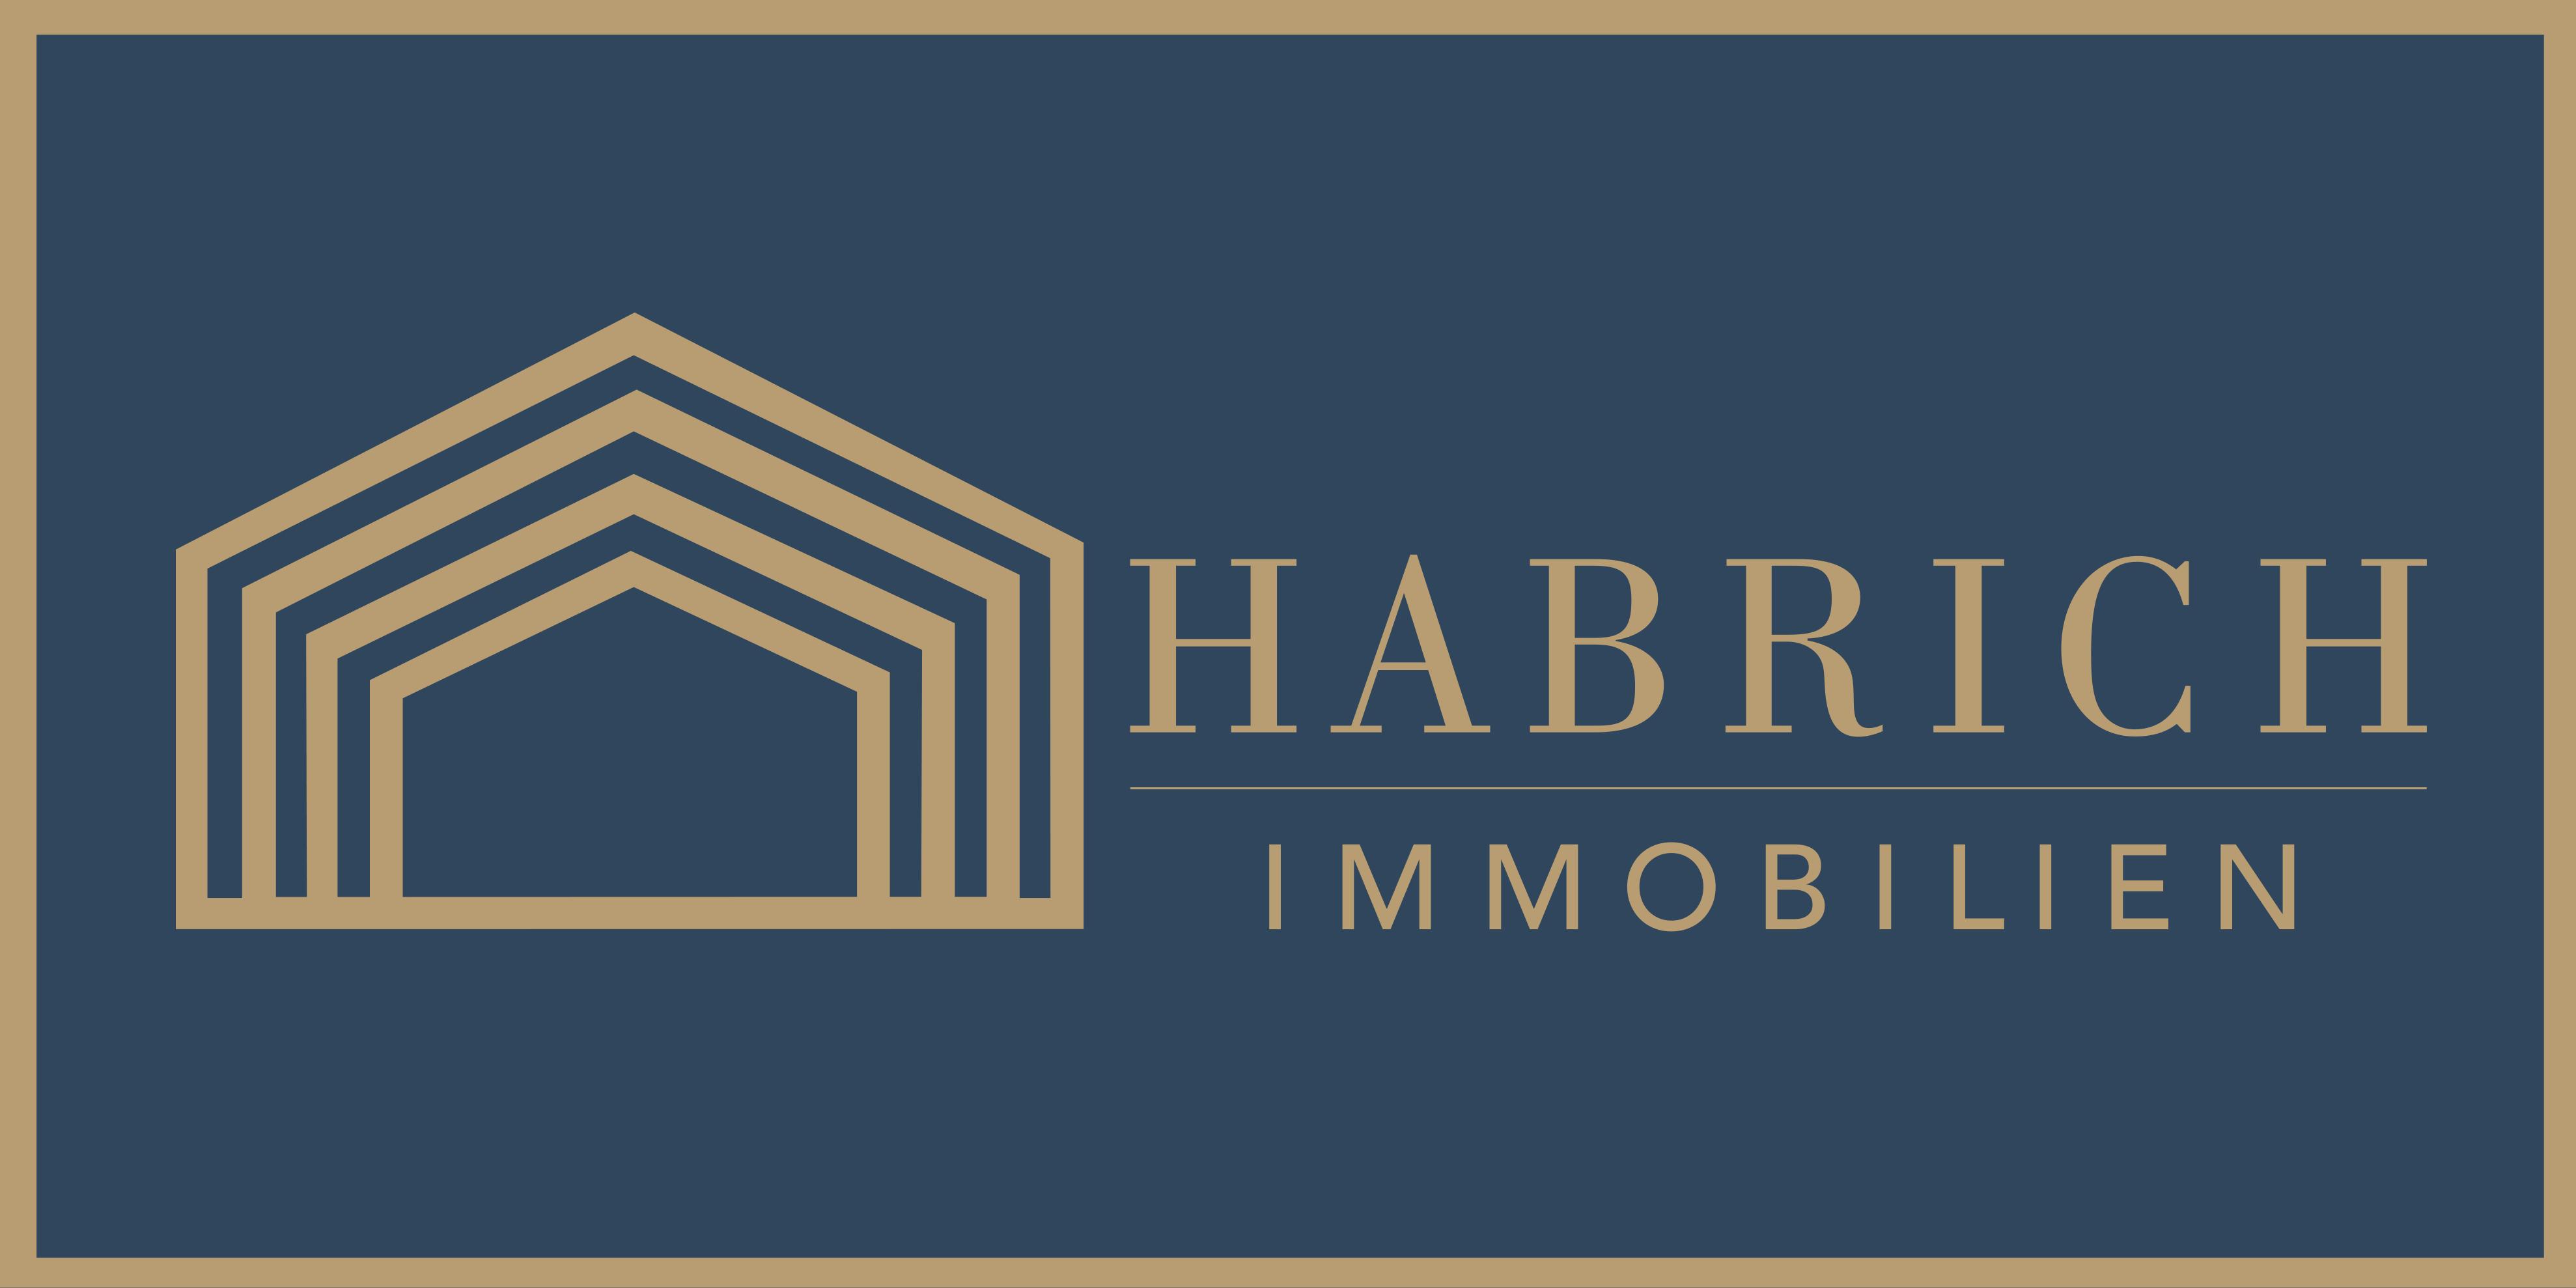 HABRICH Immobilien